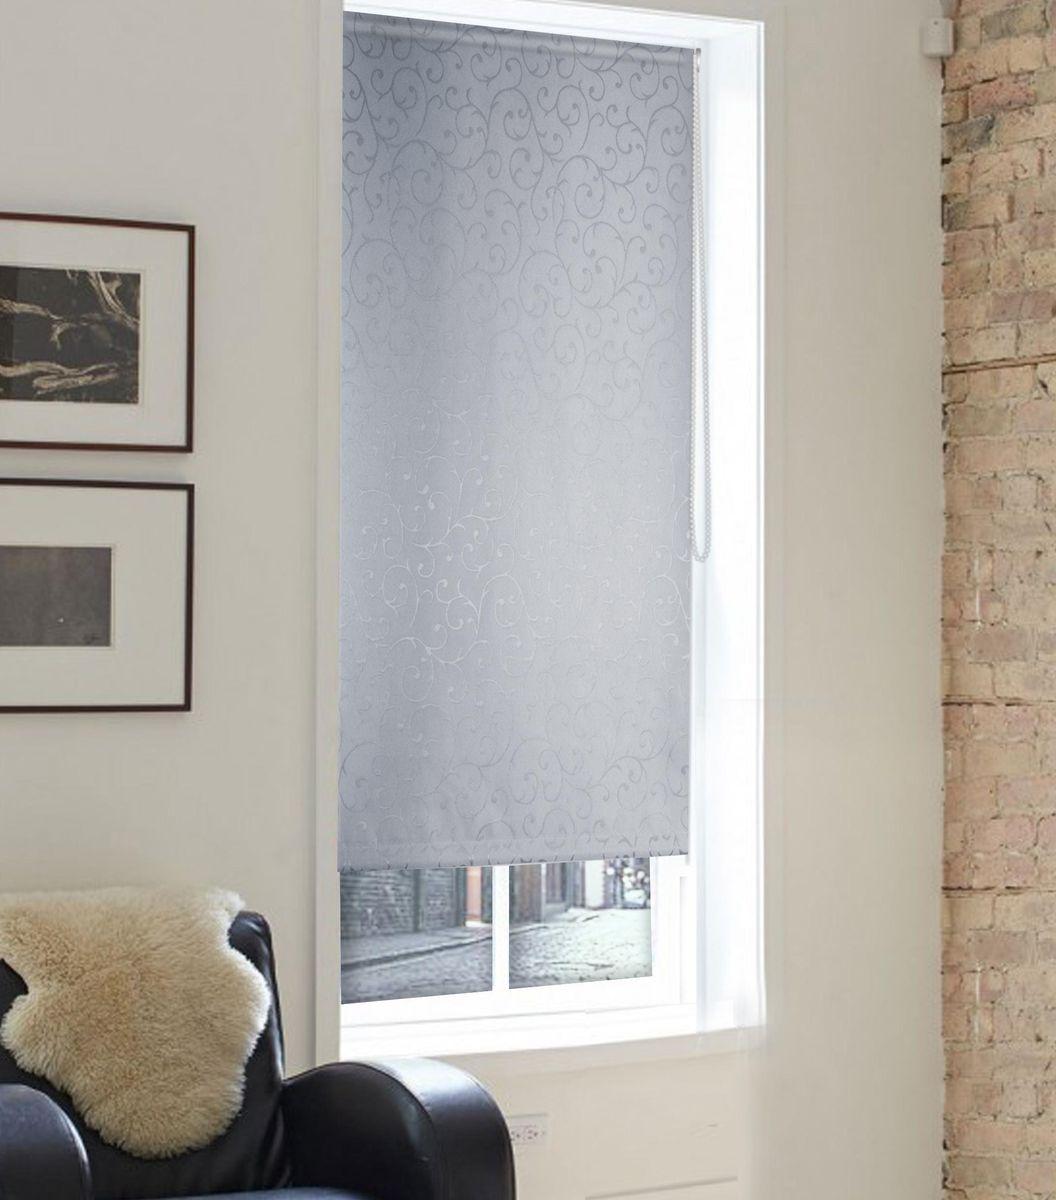 Штора рулонная Эскар Ролло. Агат, цвет: серый, ширина 80 см, высота 160 см87022080160Рулонными шторами можно оформлять окна как самостоятельно, так и использовать в комбинации с портьерами. Это поможет предотвратить выгорание дорогой ткани на солнце и соединит функционал рулонных с красотой навесных.Преимущества применения рулонных штор для пластиковых окон:- имеют прекрасный внешний вид: многообразие и фактурность материала изделия отлично смотрятся в любом интерьере; - многофункциональны: есть возможность подобрать шторы способные эффективно защитить комнату от солнца, при этом она не будет слишком темной.- Есть возможность осуществить быстрый монтаж.ВНИМАНИЕ! Размеры ширины изделия указаны по ширине ткани!Во время эксплуатации не рекомендуется полностью разматывать рулон, чтобы не оторвать ткань от намоточного вала.В случае загрязнения поверхности ткани, чистку шторы проводят одним из способов, в зависимости от типа загрязнения: легкое поверхностное загрязнение можно удалить при помощи канцелярского ластика; чистка от пыли производится сухим методом при помощи пылесоса с мягкой щеткой-насадкой; для удаления пятна используйте мягкую губку с пенообразующим неагрессивным моющим средством или пятновыводитель на натуральной основе (нельзя применять растворители).